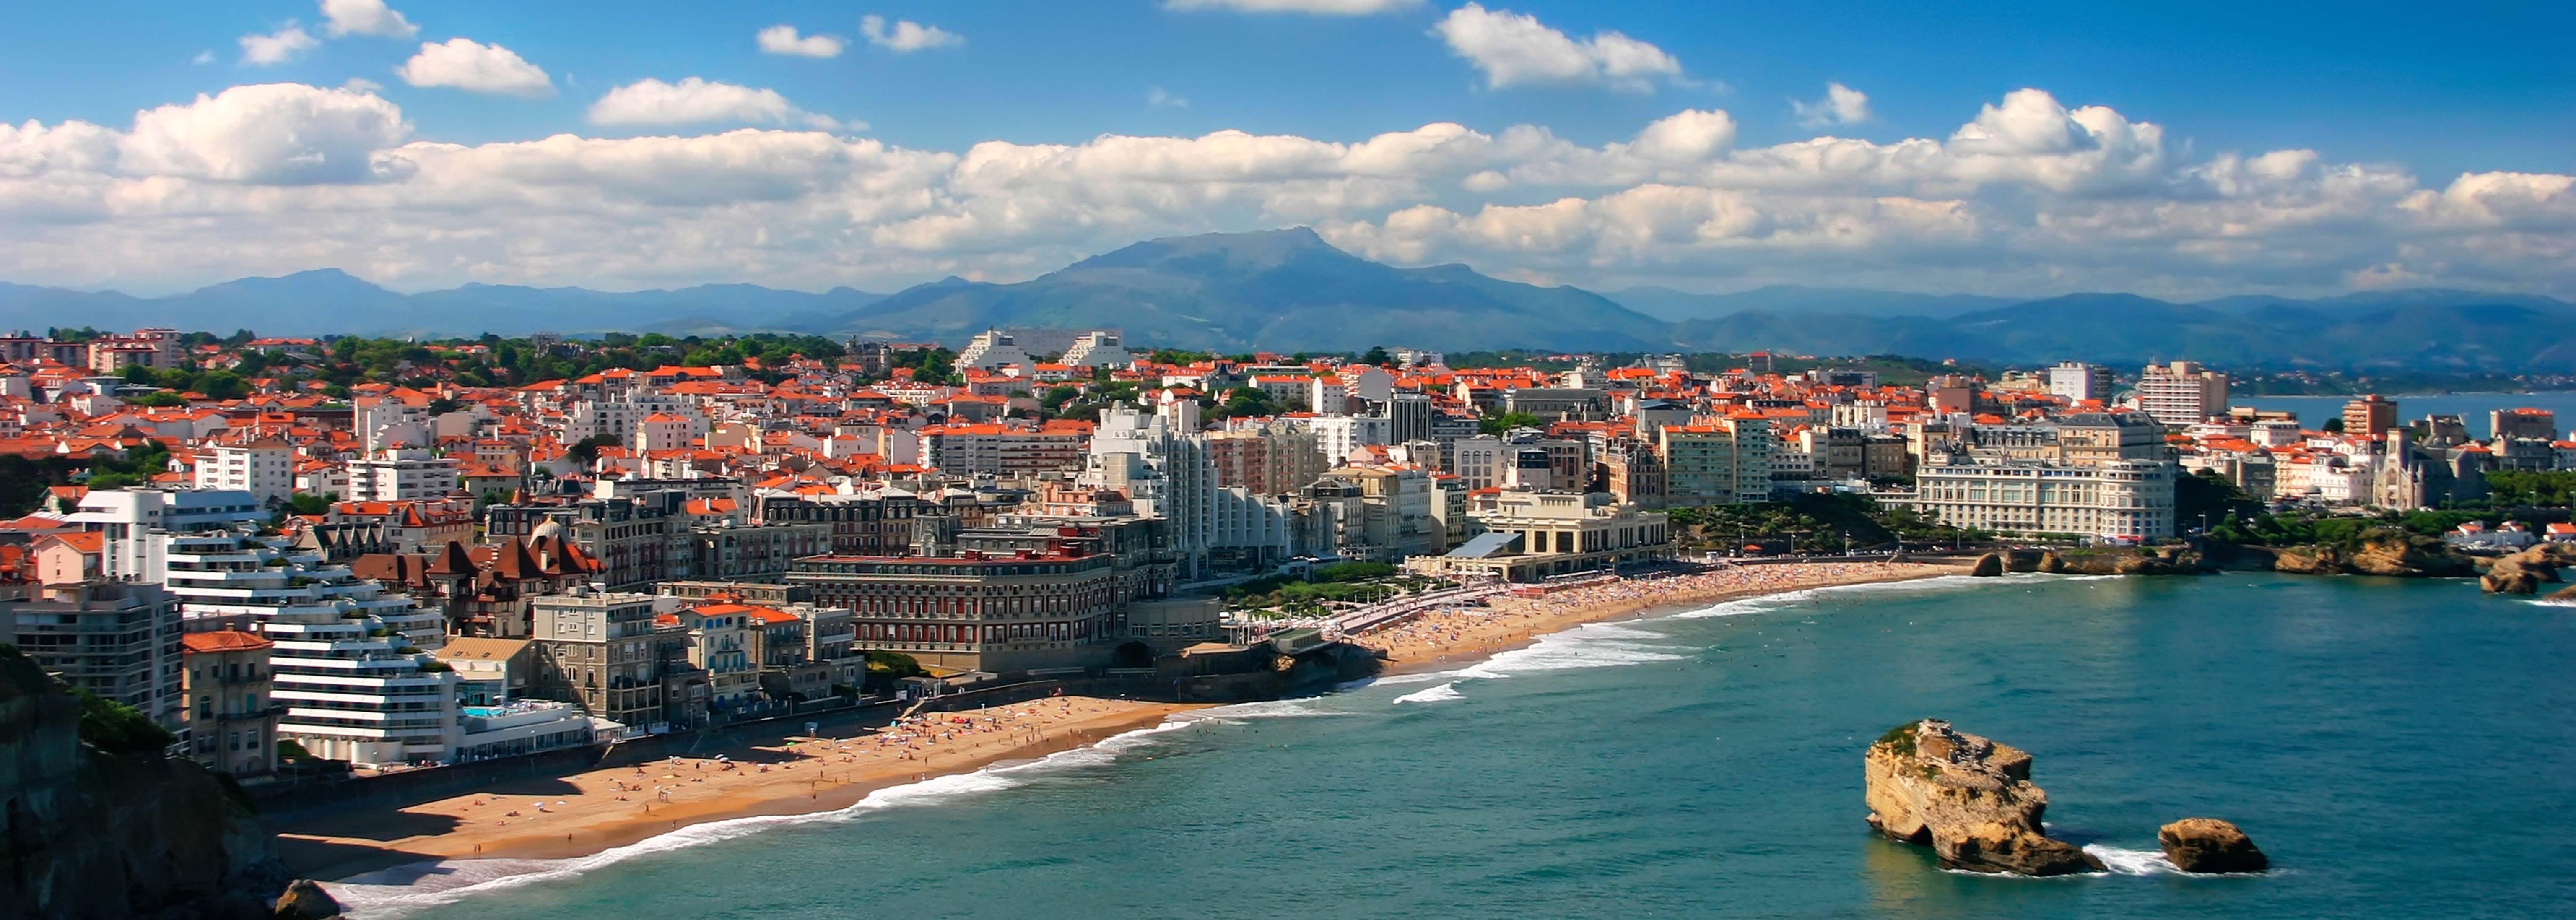 Biarritz / Saint Jean de Luz